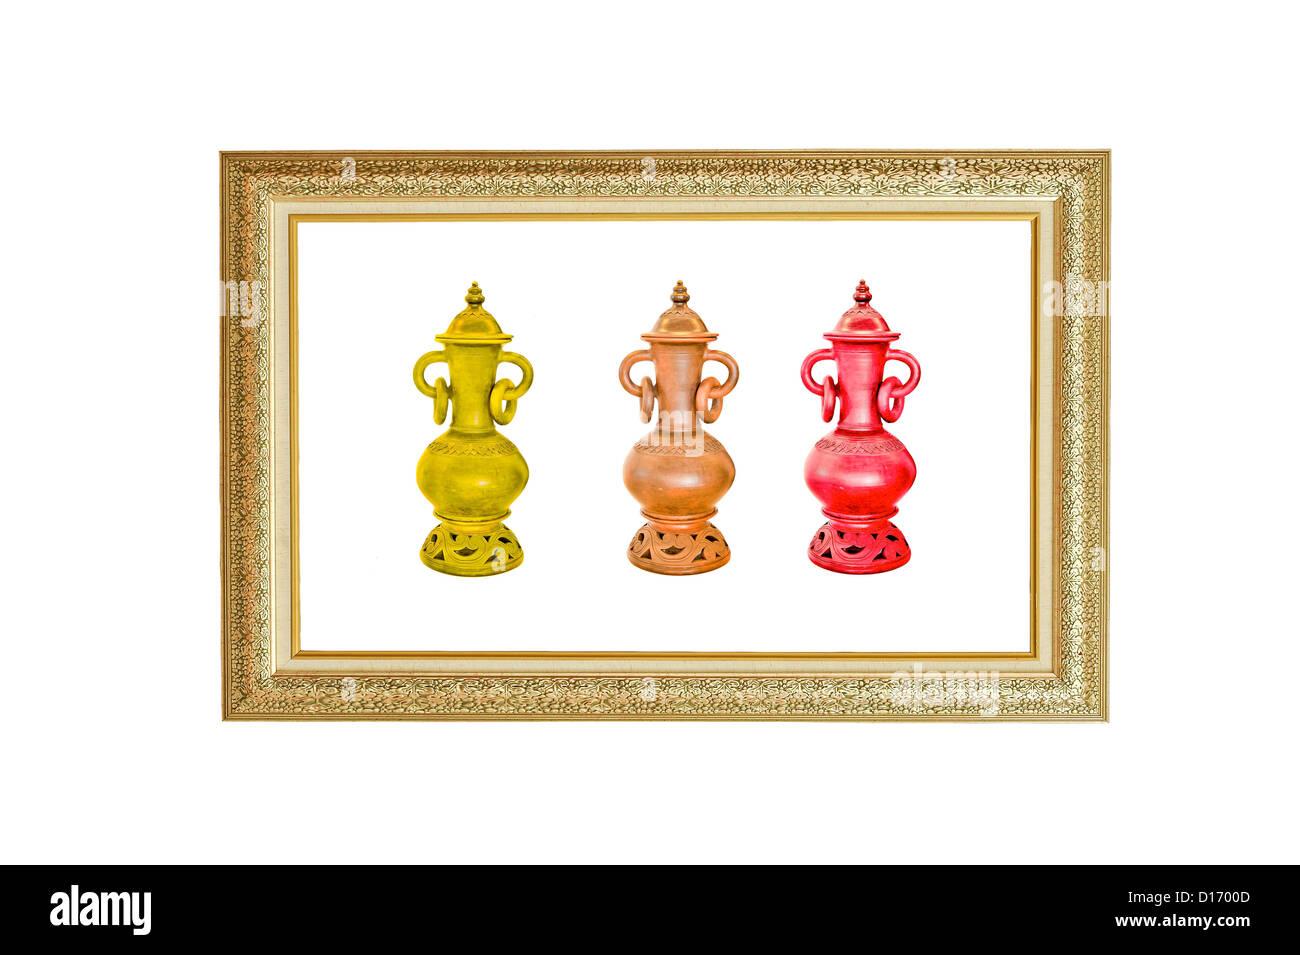 Vase Urn Art Stockfotos & Vase Urn Art Bilder - Seite 8 - Alamy